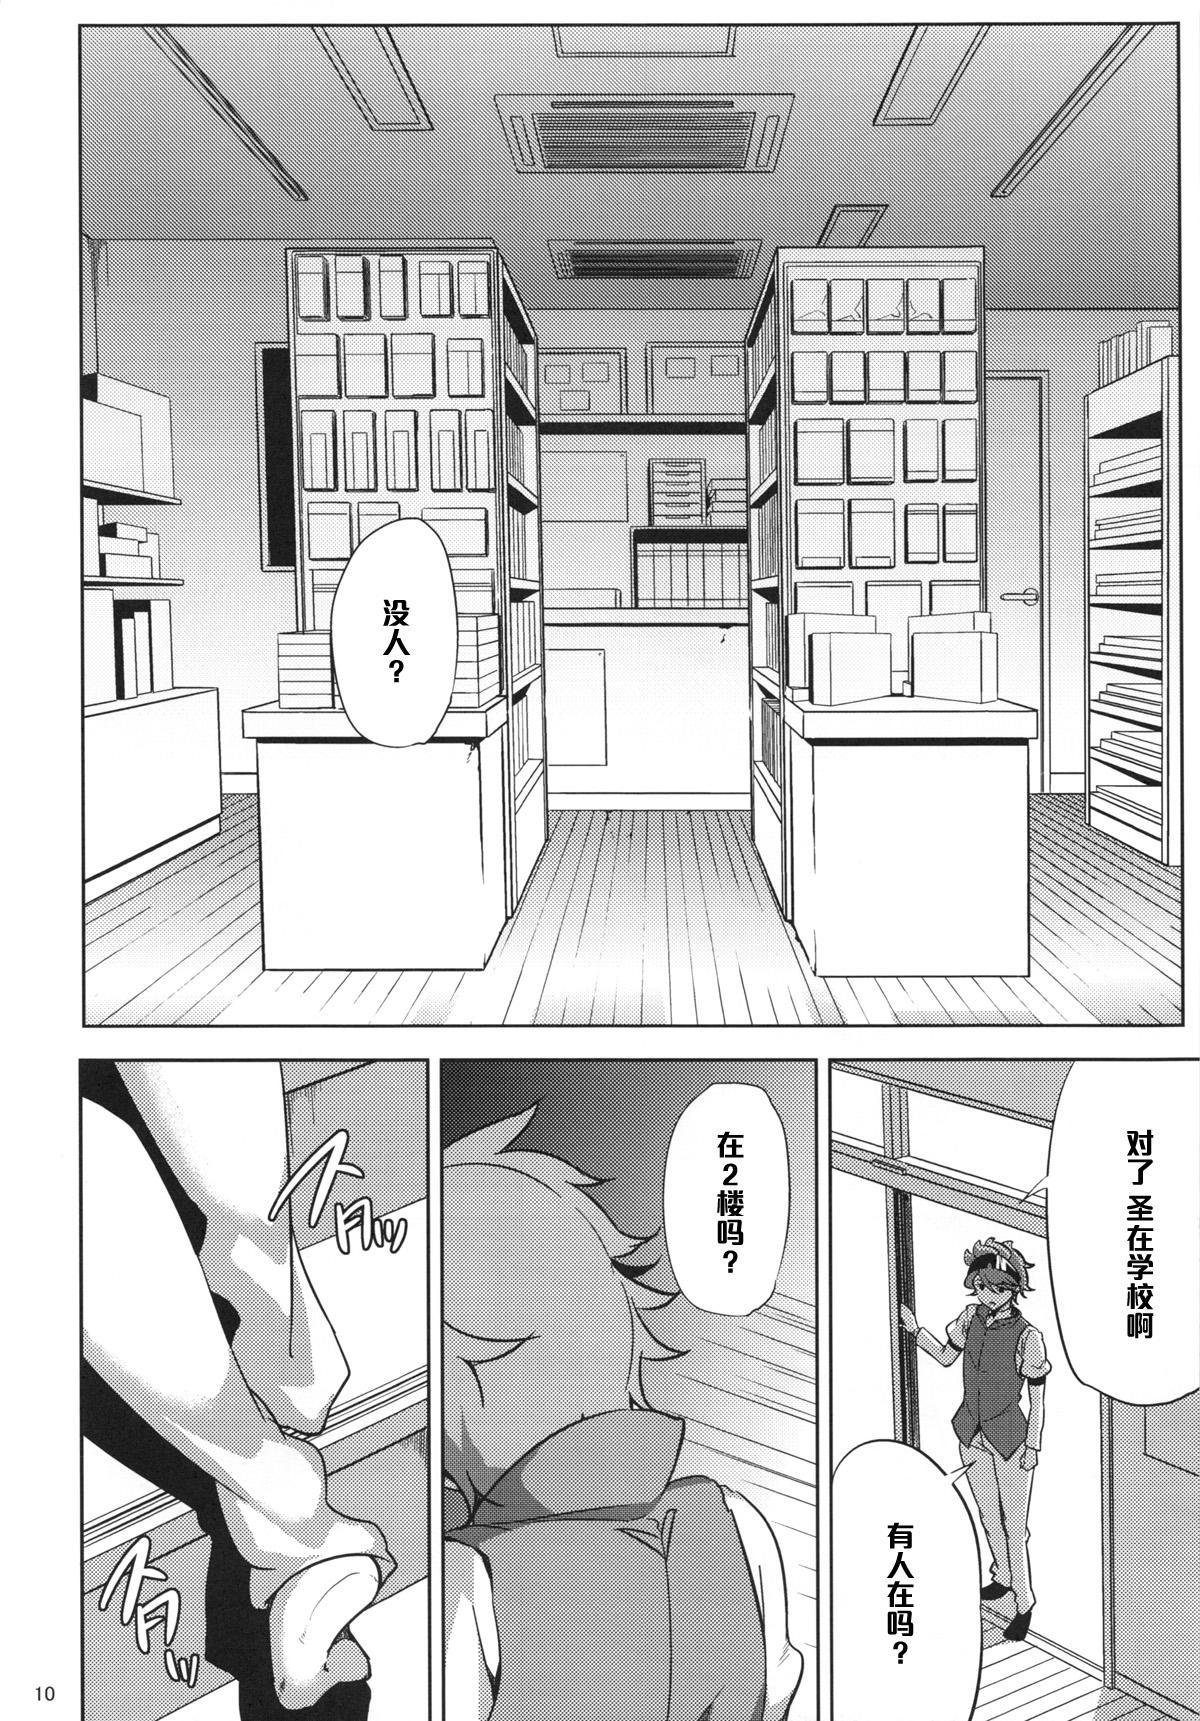 (C87) [Kyoumata (Shishiji)] Rinko-san ga Reiji-kun ni Ijirareru Hon (Gundam Build Fighters) [Chinese] [黑条汉化] 8